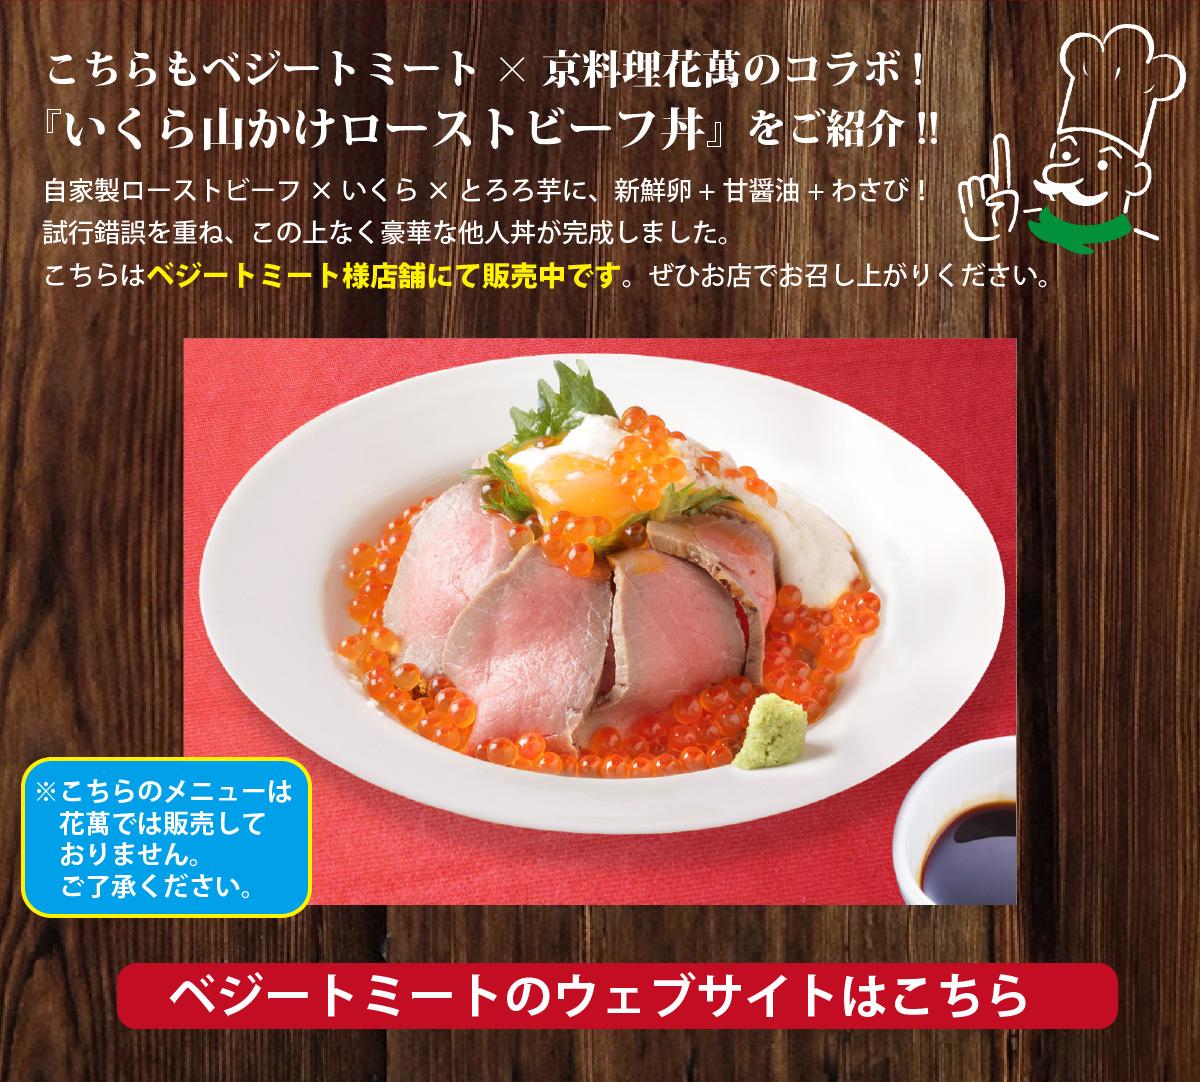 肉バルのベジートミート